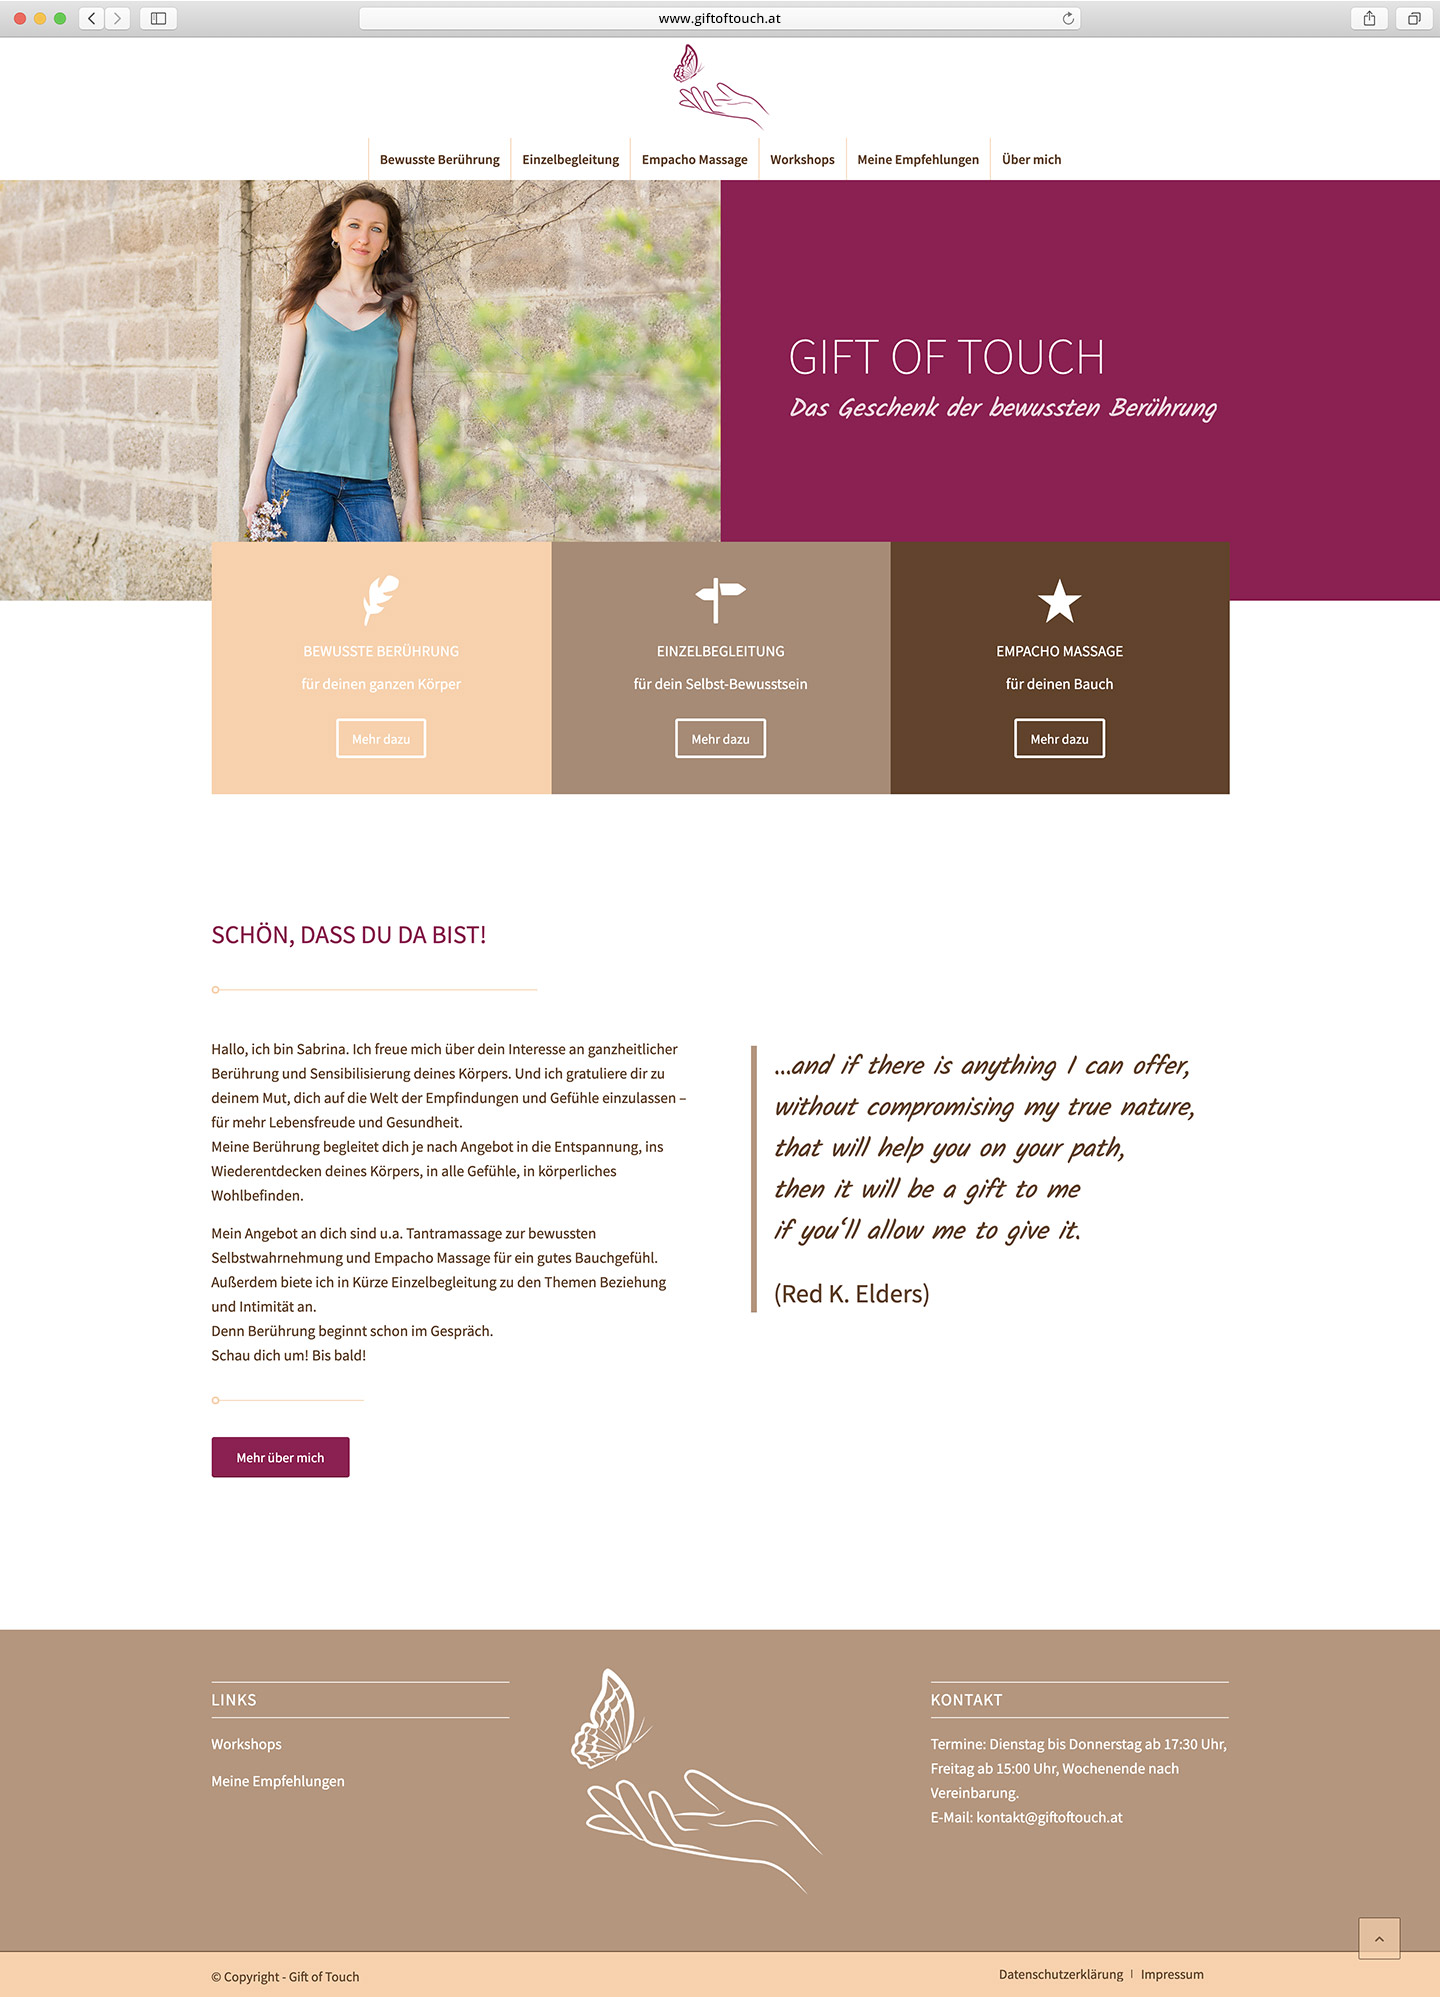 Gift of touch Website Screenshot